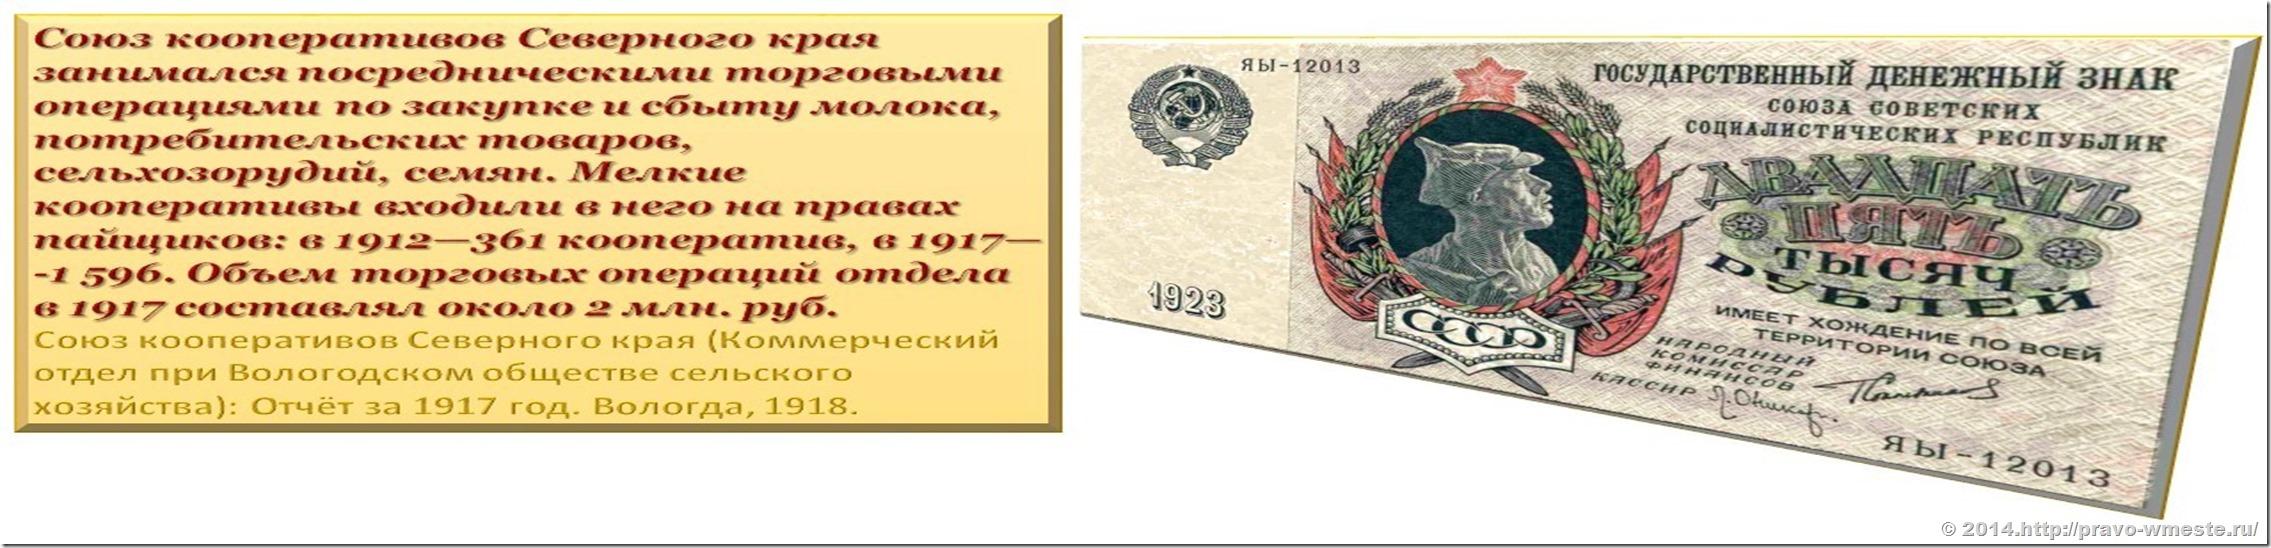 Коммерческий отдел Вологодской Губернии